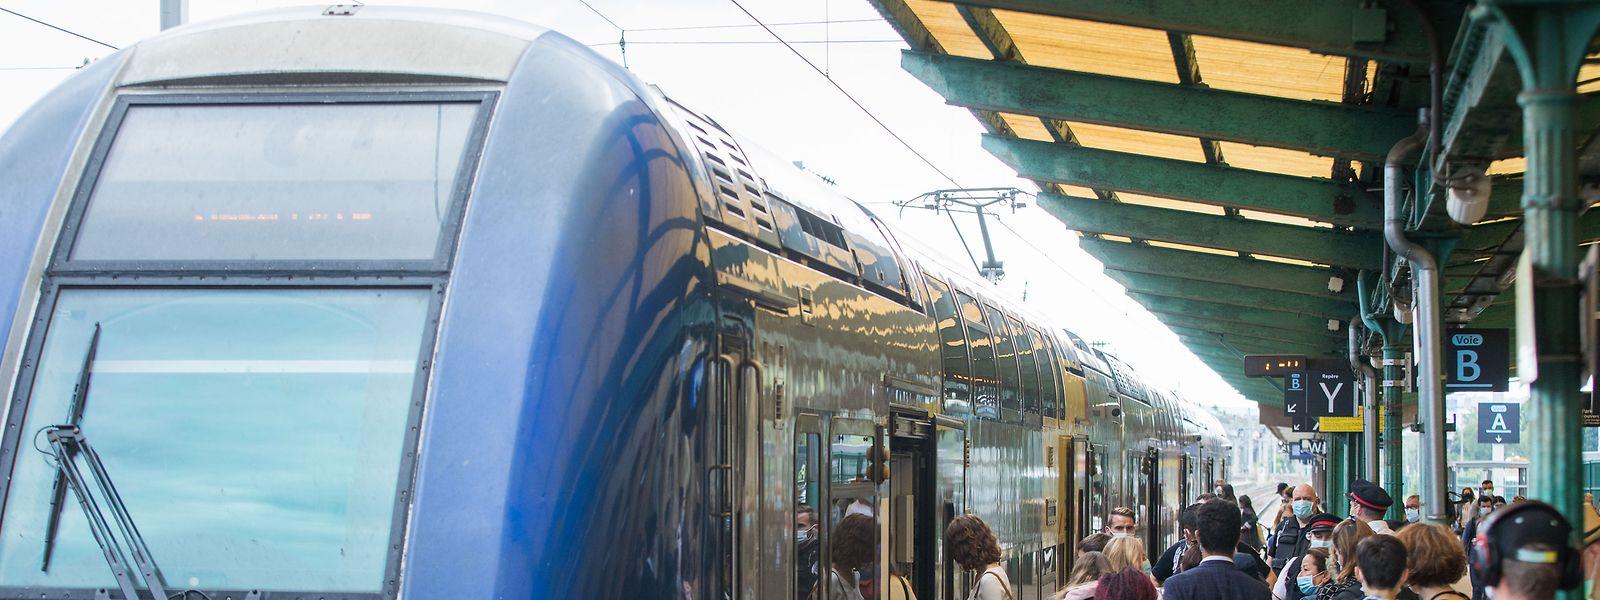 Le trafic ferroviaire était perturbé depuis le début du mois en raison des travaux sur le tunnel Rangwee.